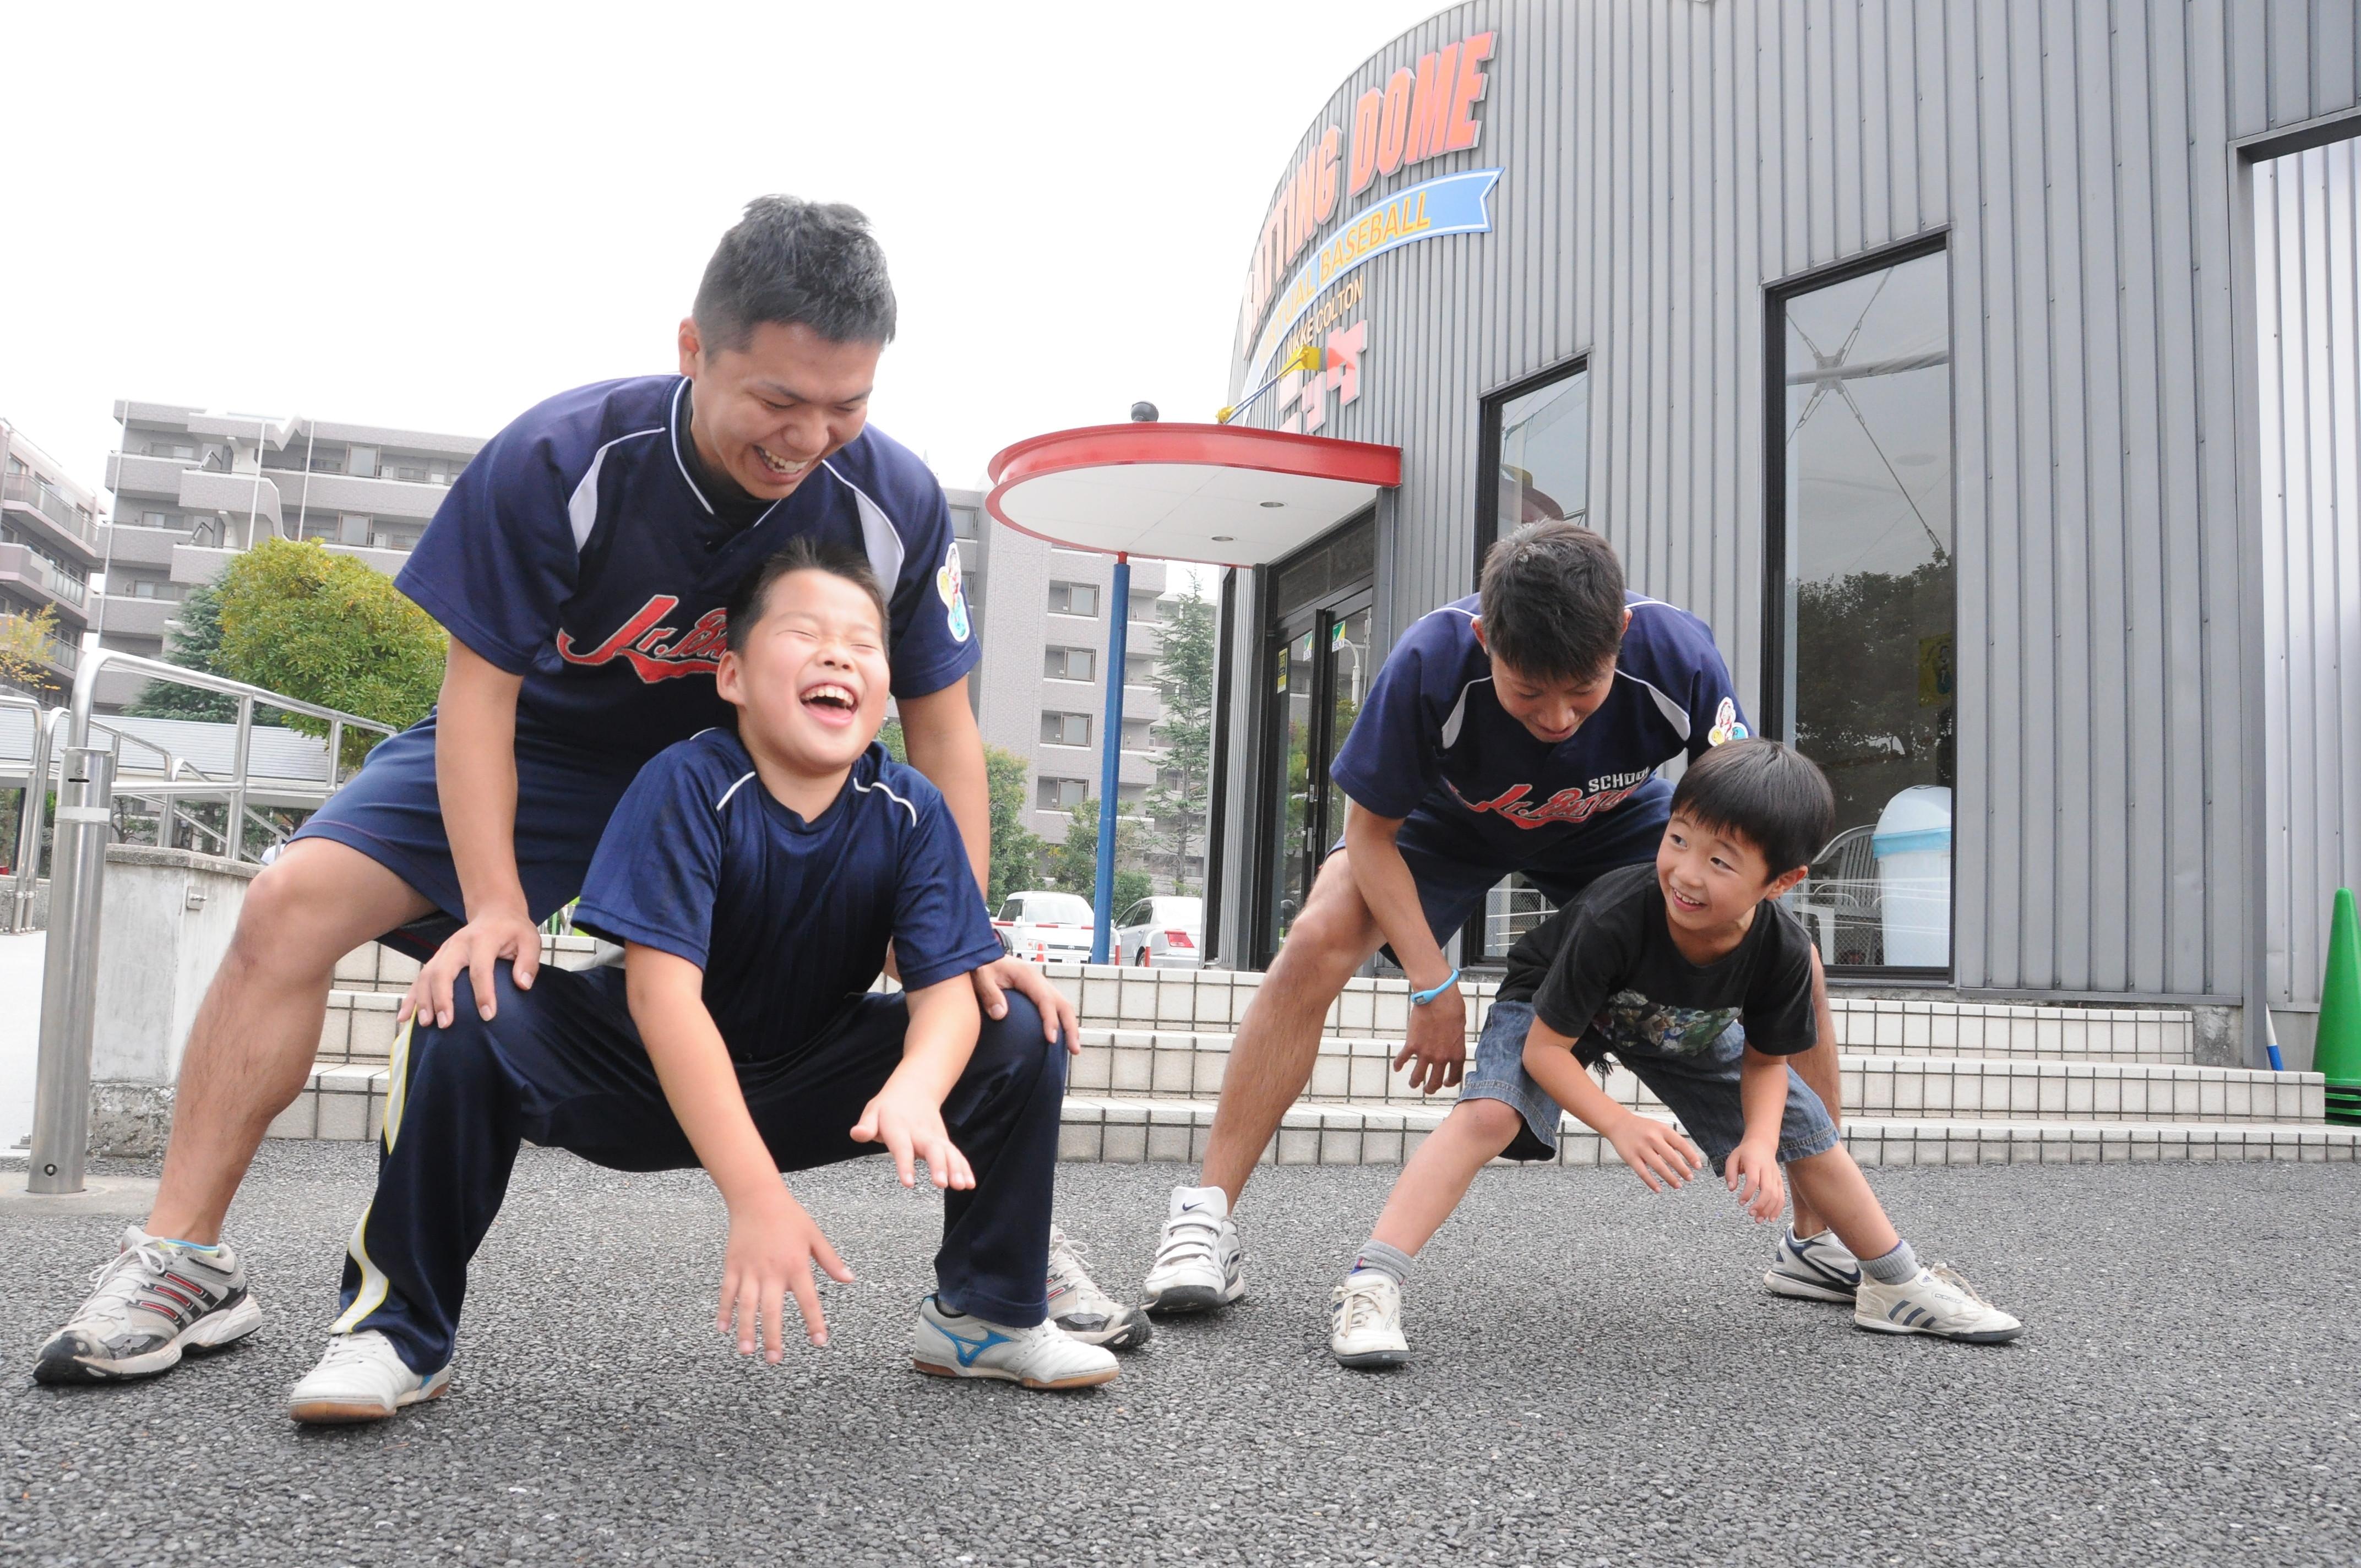 JBS(ジュニアバッティングスクール) アストロ鶴ヶ峰校 のアルバイト情報